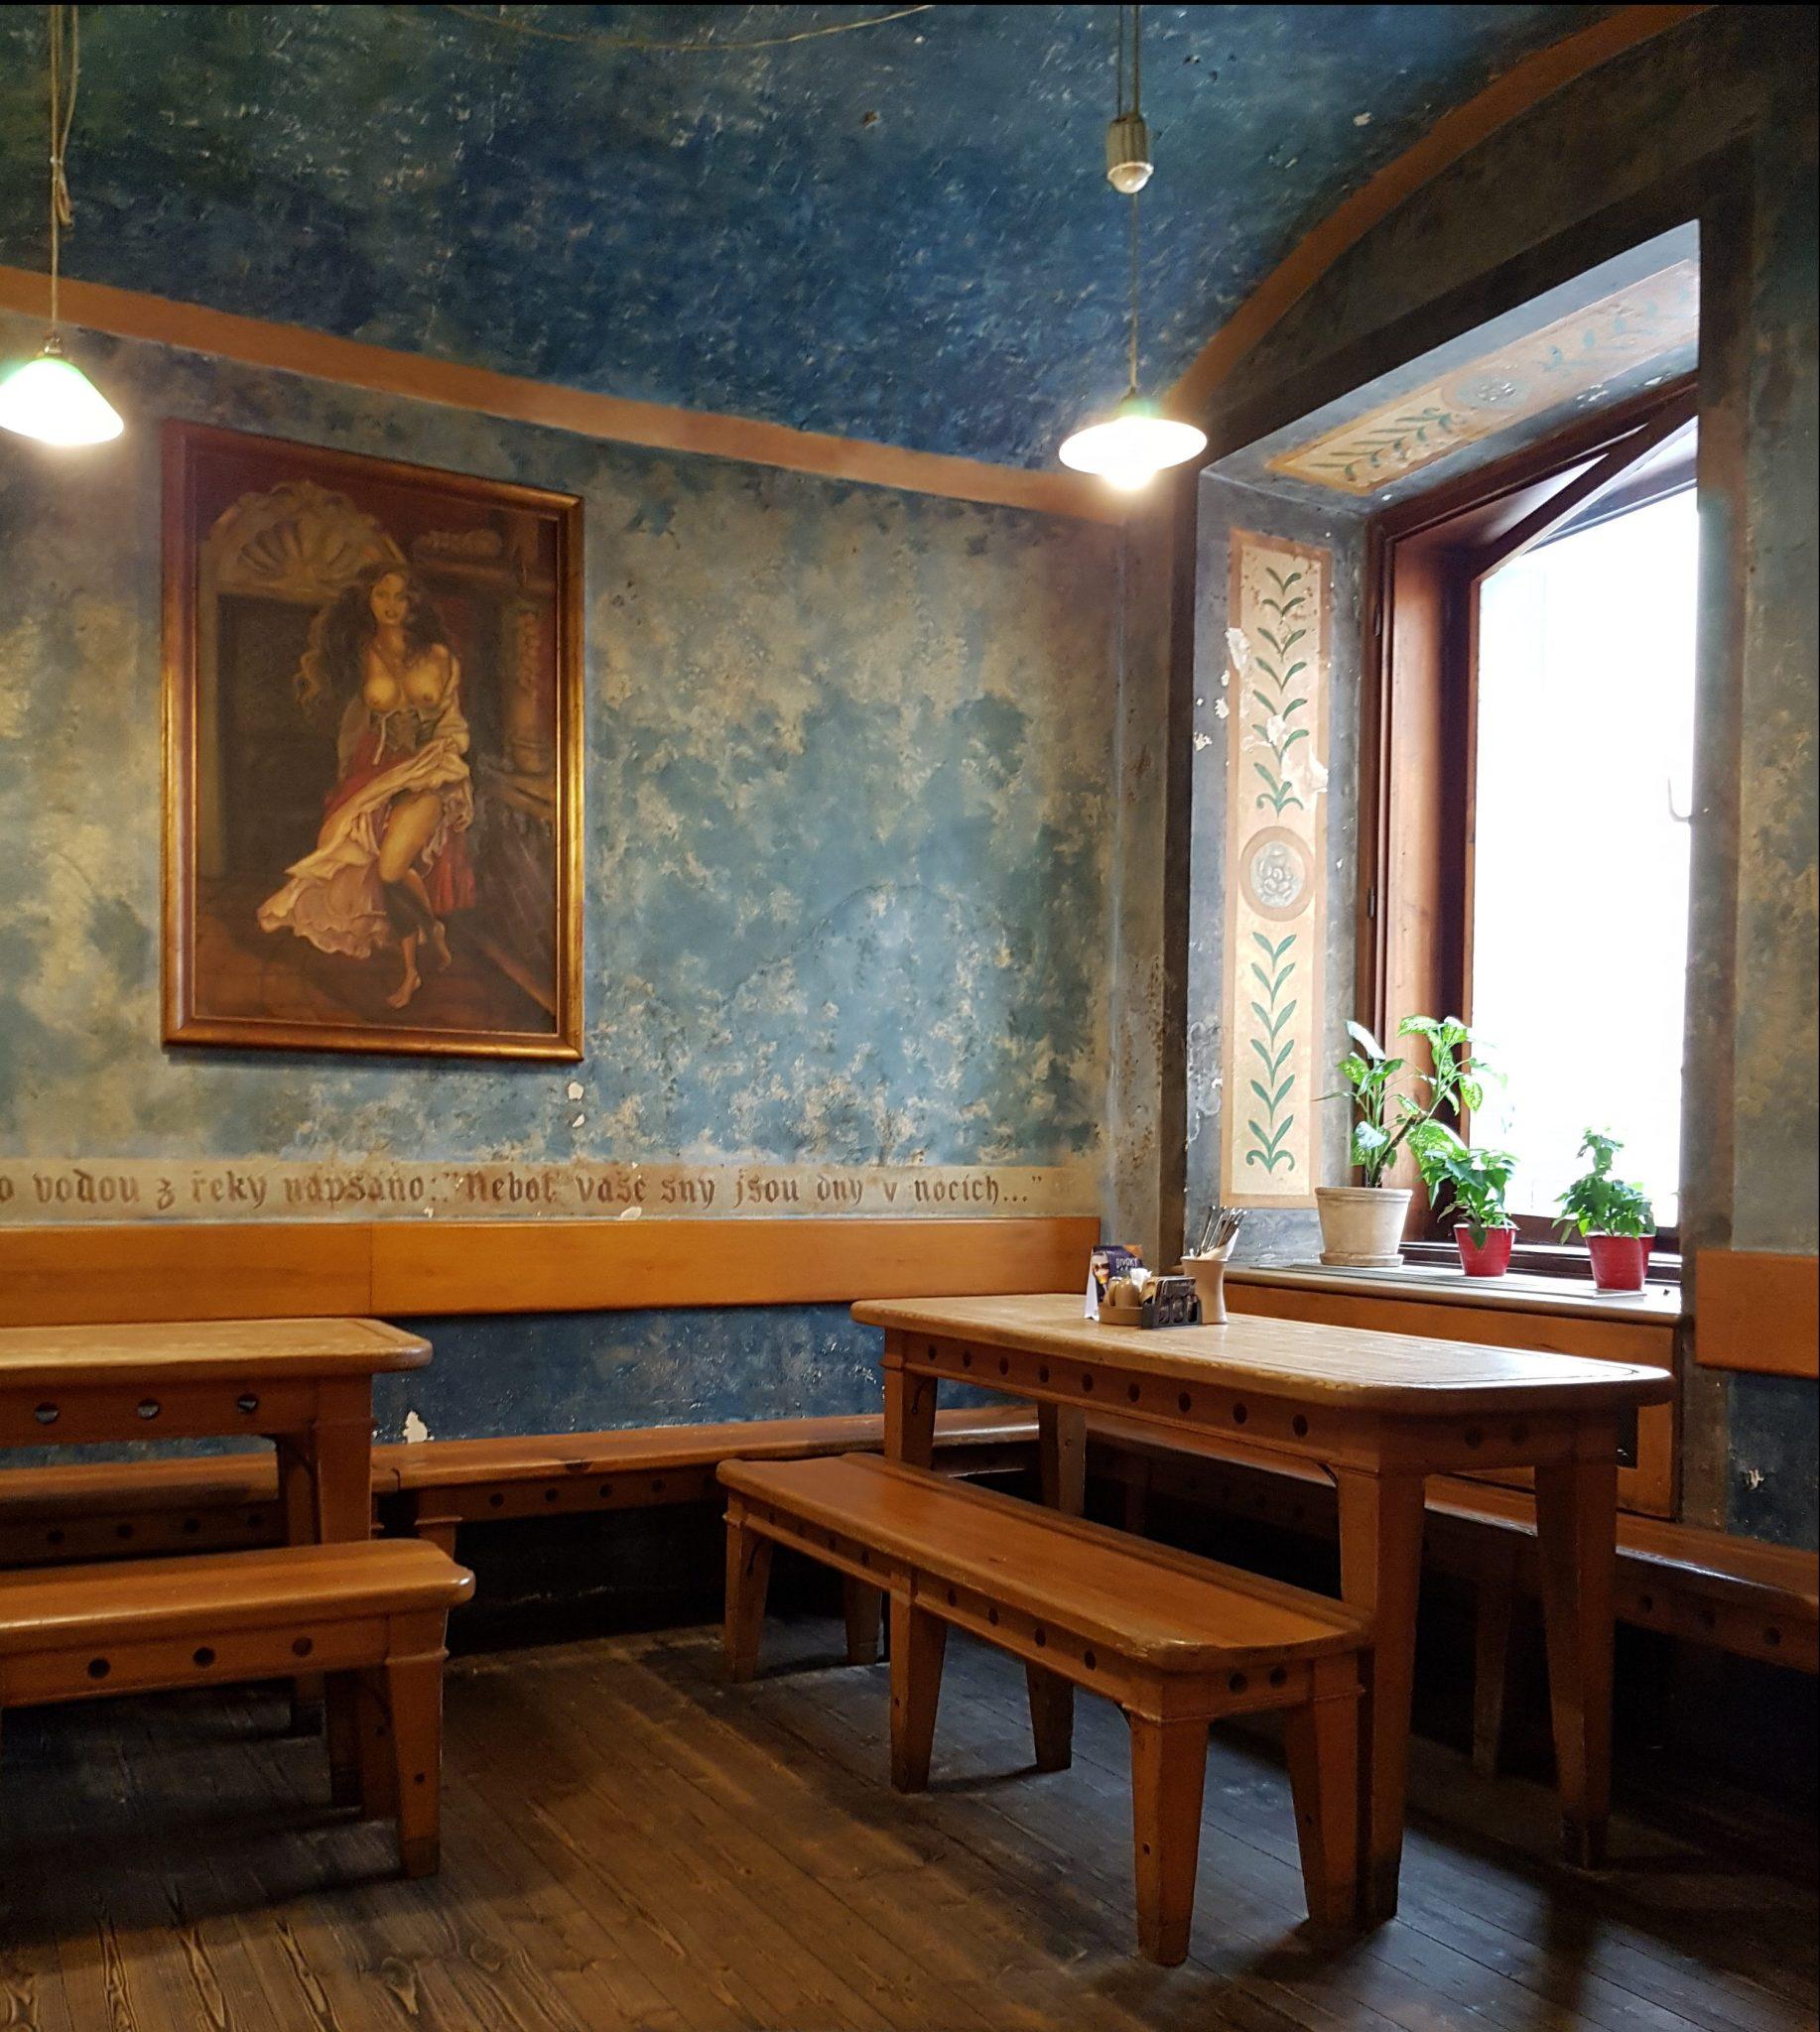 Interieur Tsjechisch restaurant in Praag